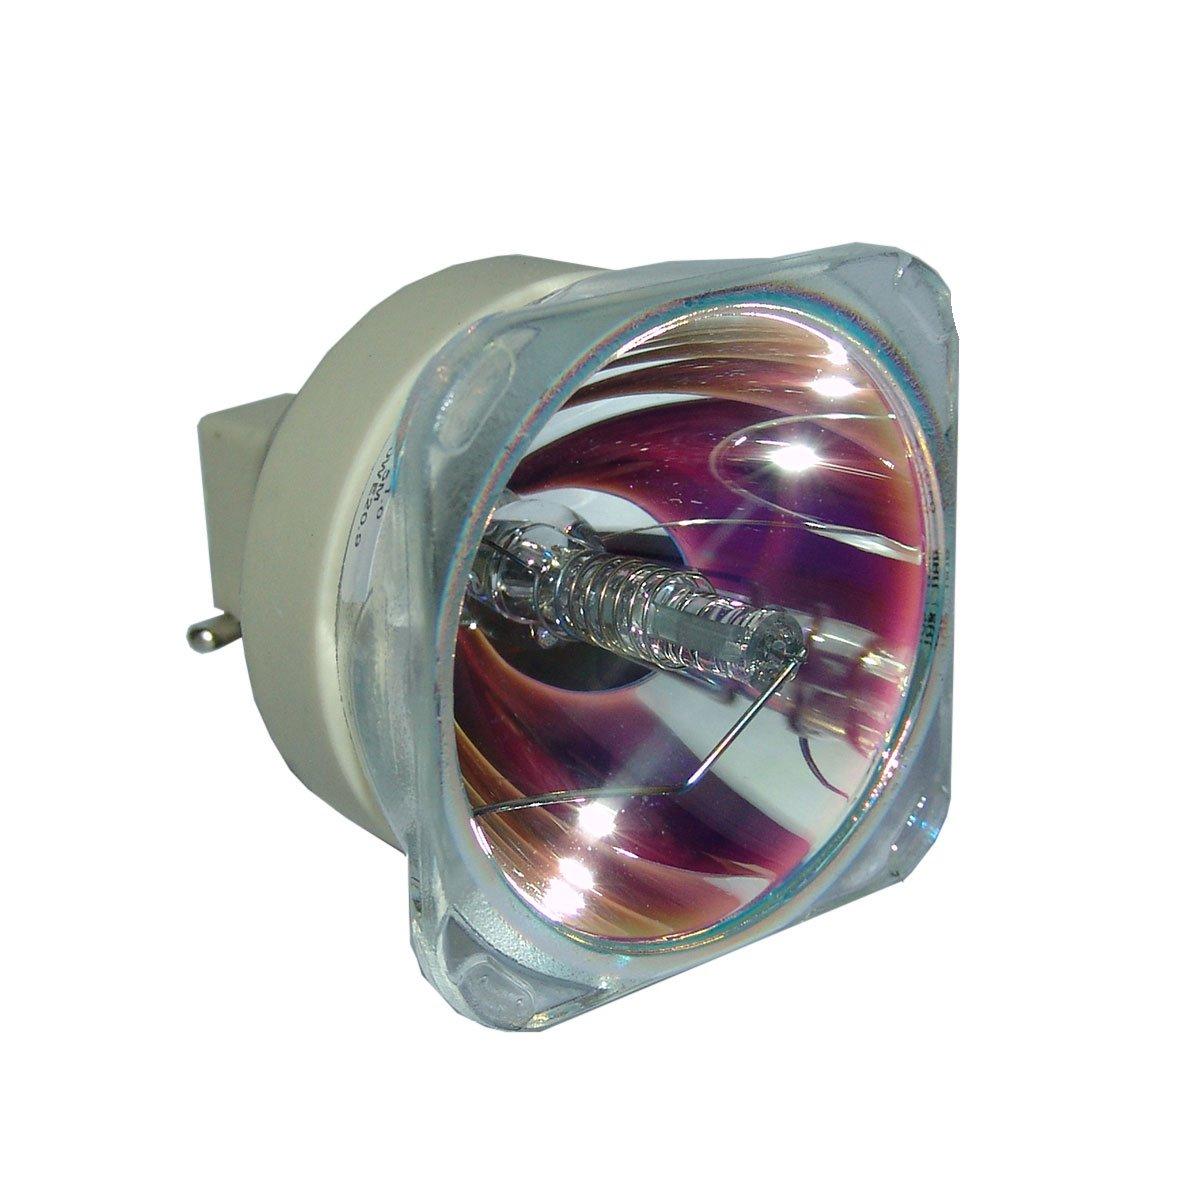 LucentBulb Barco F50 WQXGA ランプのみ (長寿命)   B07P6T6XQT